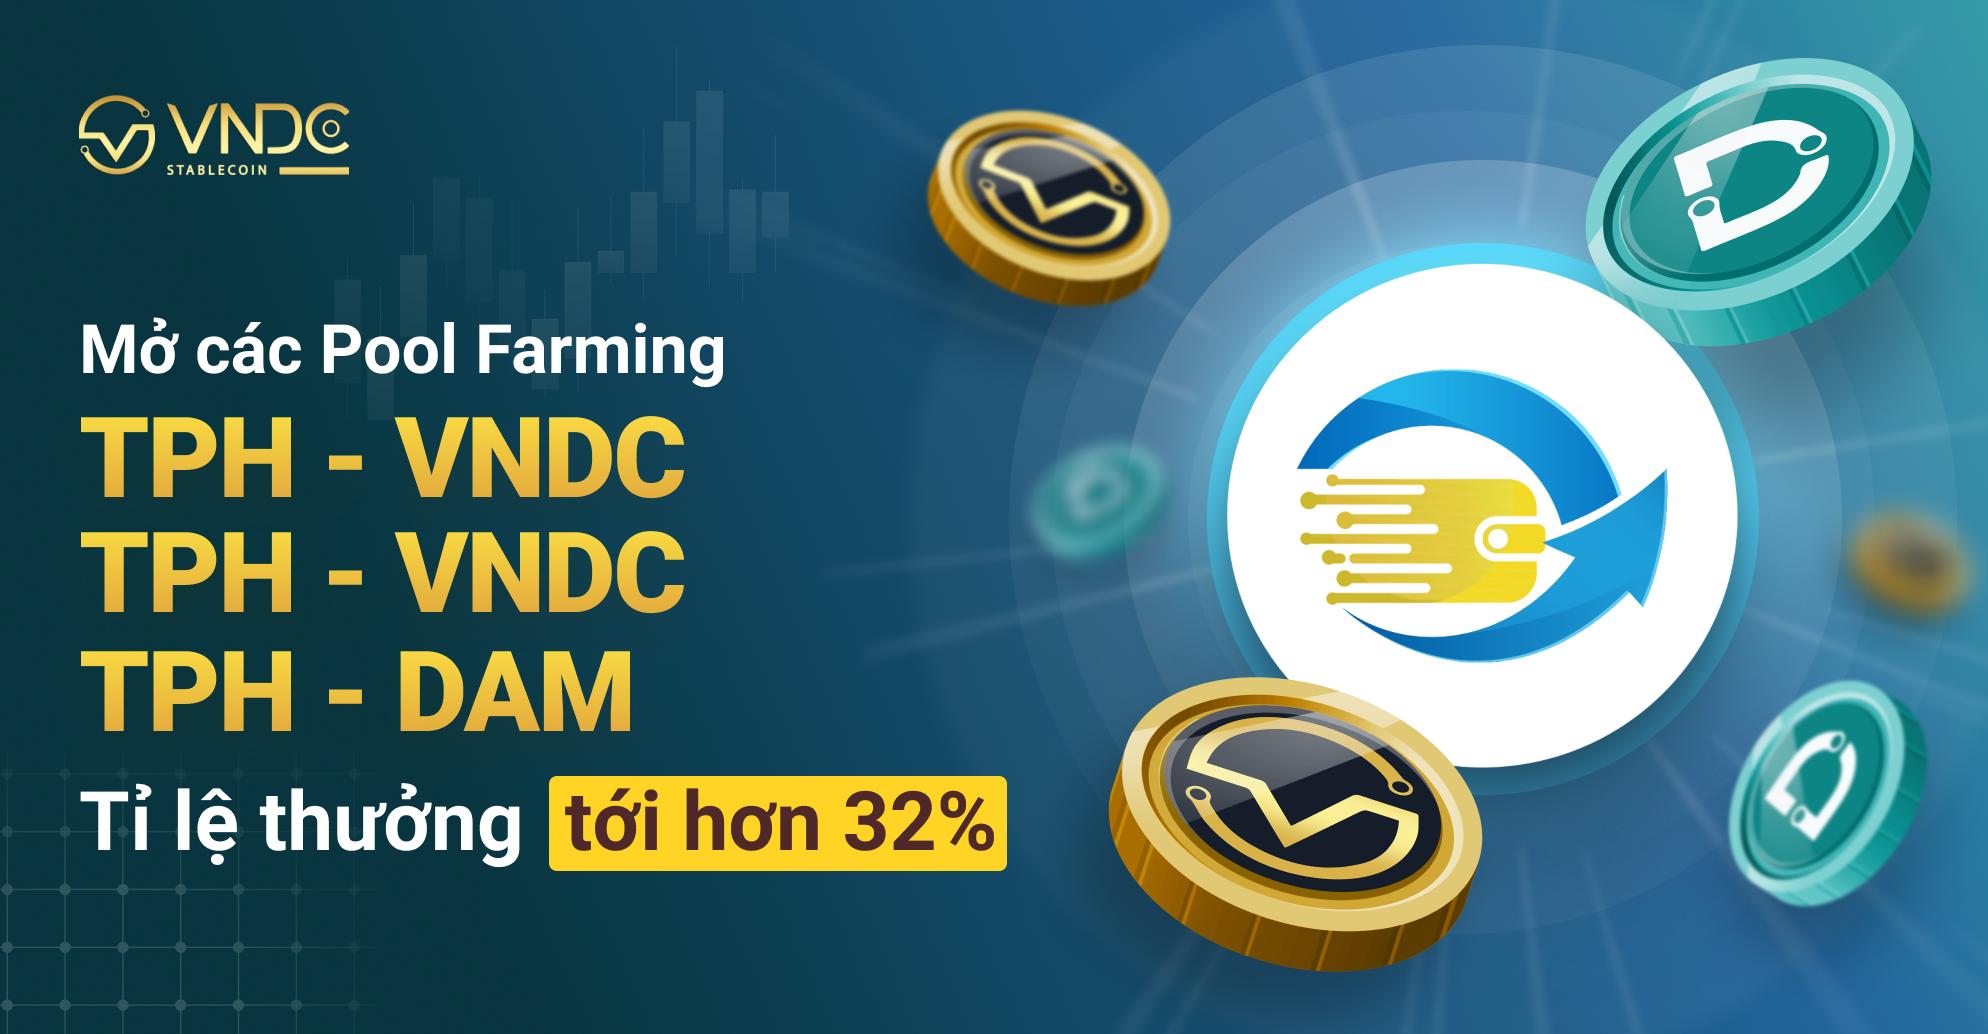 Mở các Pool Farming cho TPH, tỷ lệ thưởng lên tới hơn 32%